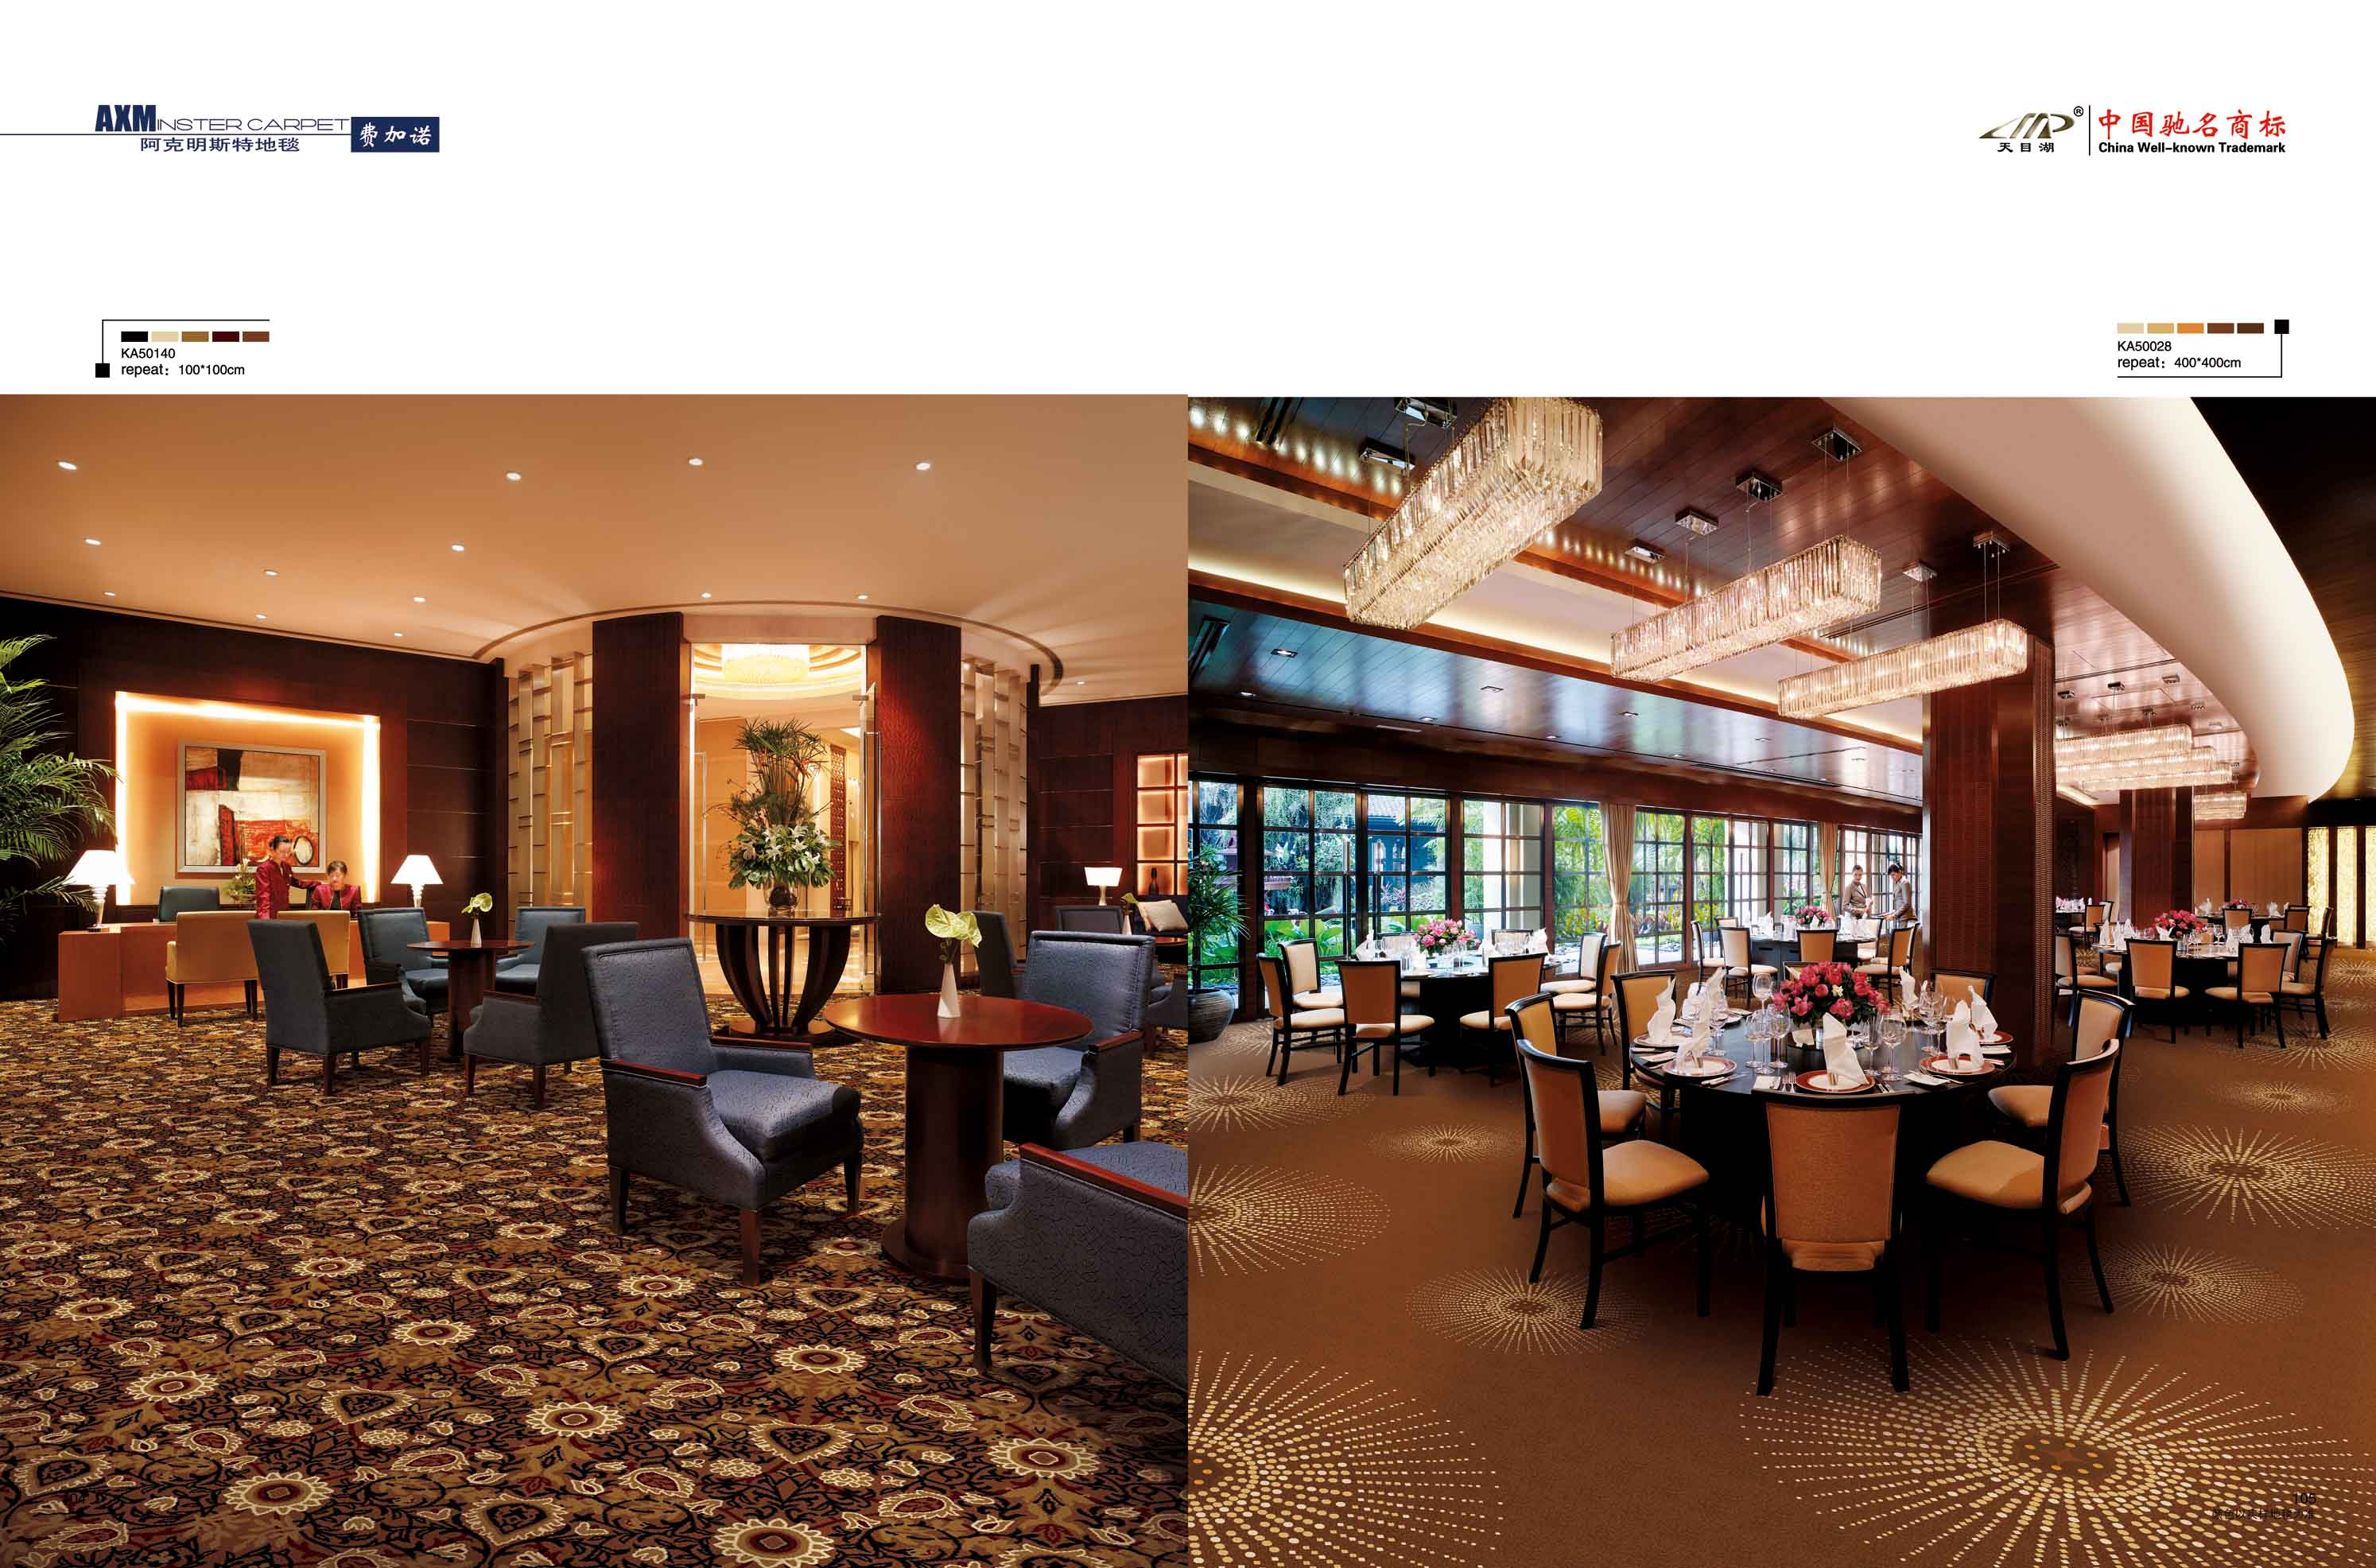 英皇国际线上赌博,英皇娱乐注册餐厅英皇国际线上赌博,英皇娱乐注册